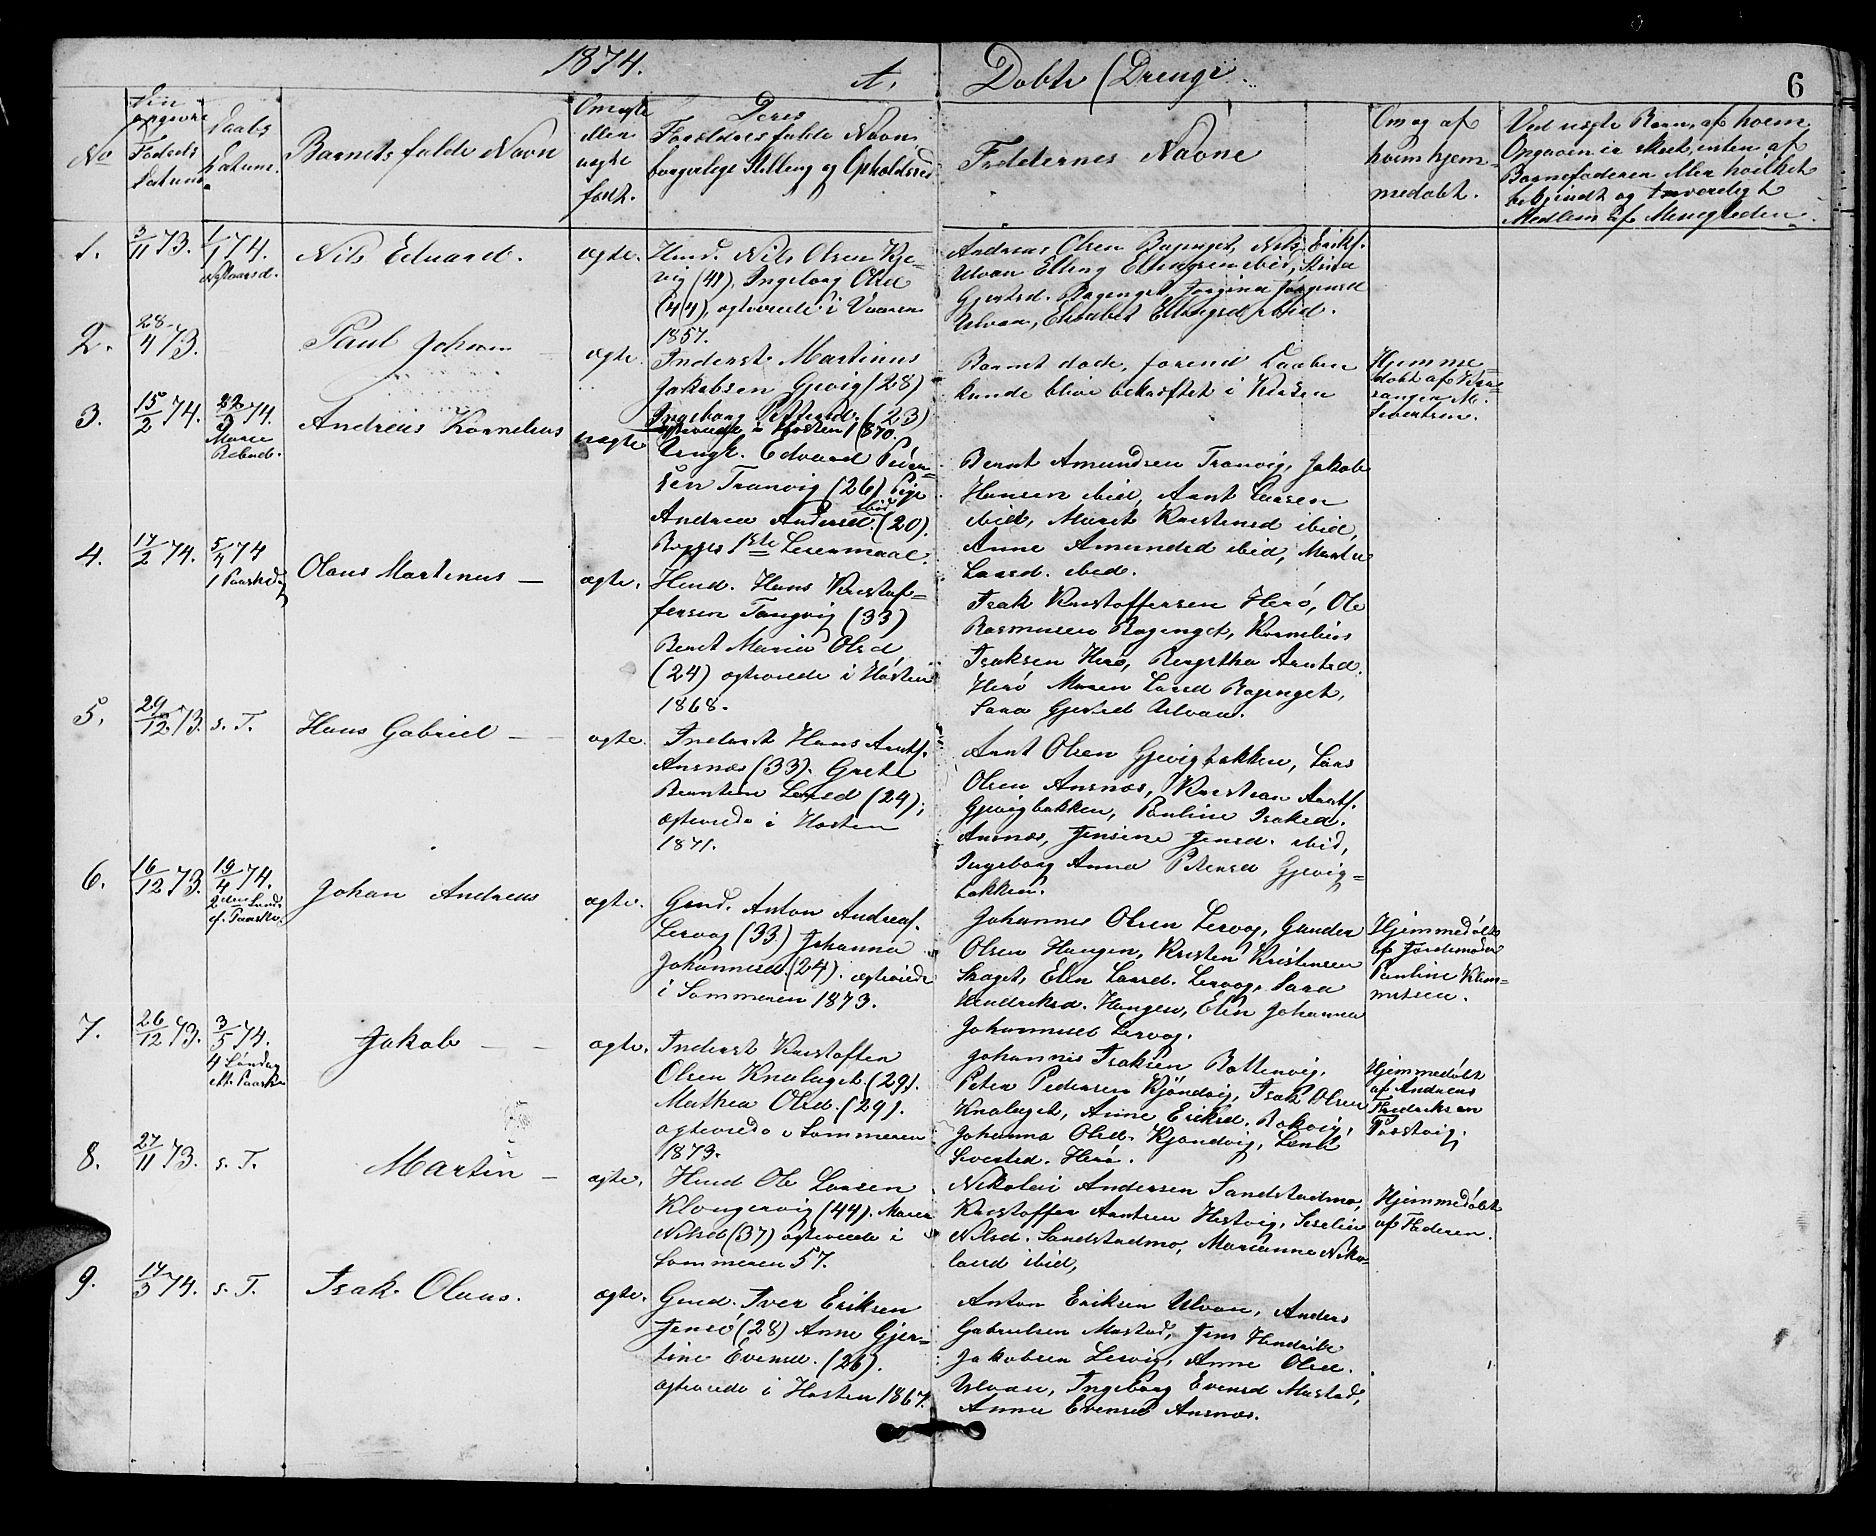 SAT, Ministerialprotokoller, klokkerbøker og fødselsregistre - Sør-Trøndelag, 637/L0561: Klokkerbok nr. 637C02, 1873-1882, s. 6